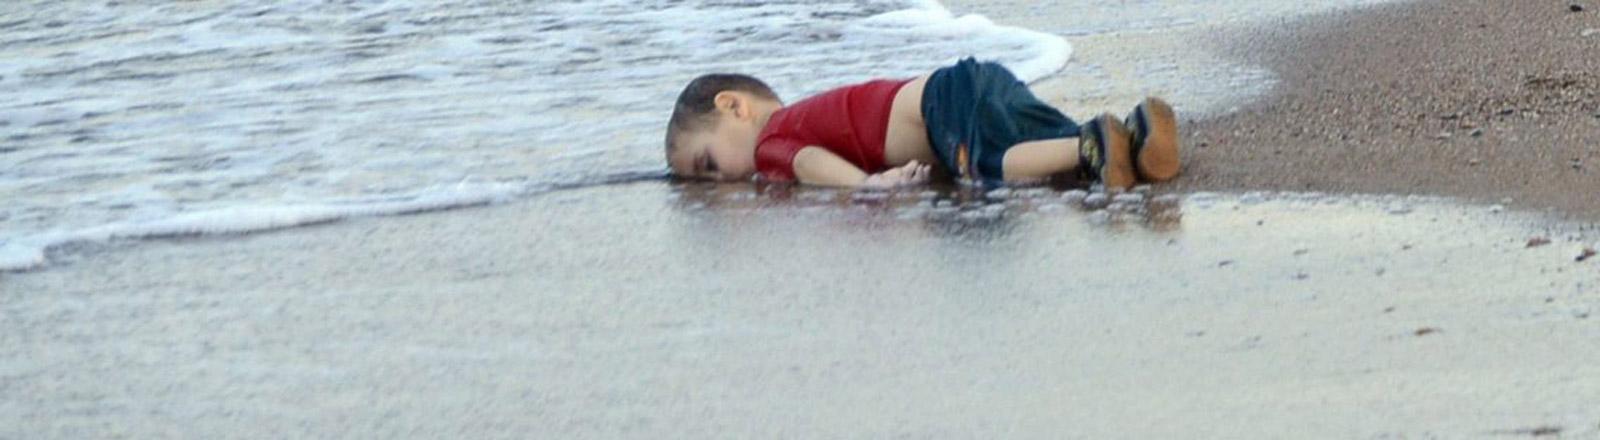 Ein dreijähriger Junge liegt tot am Strand.